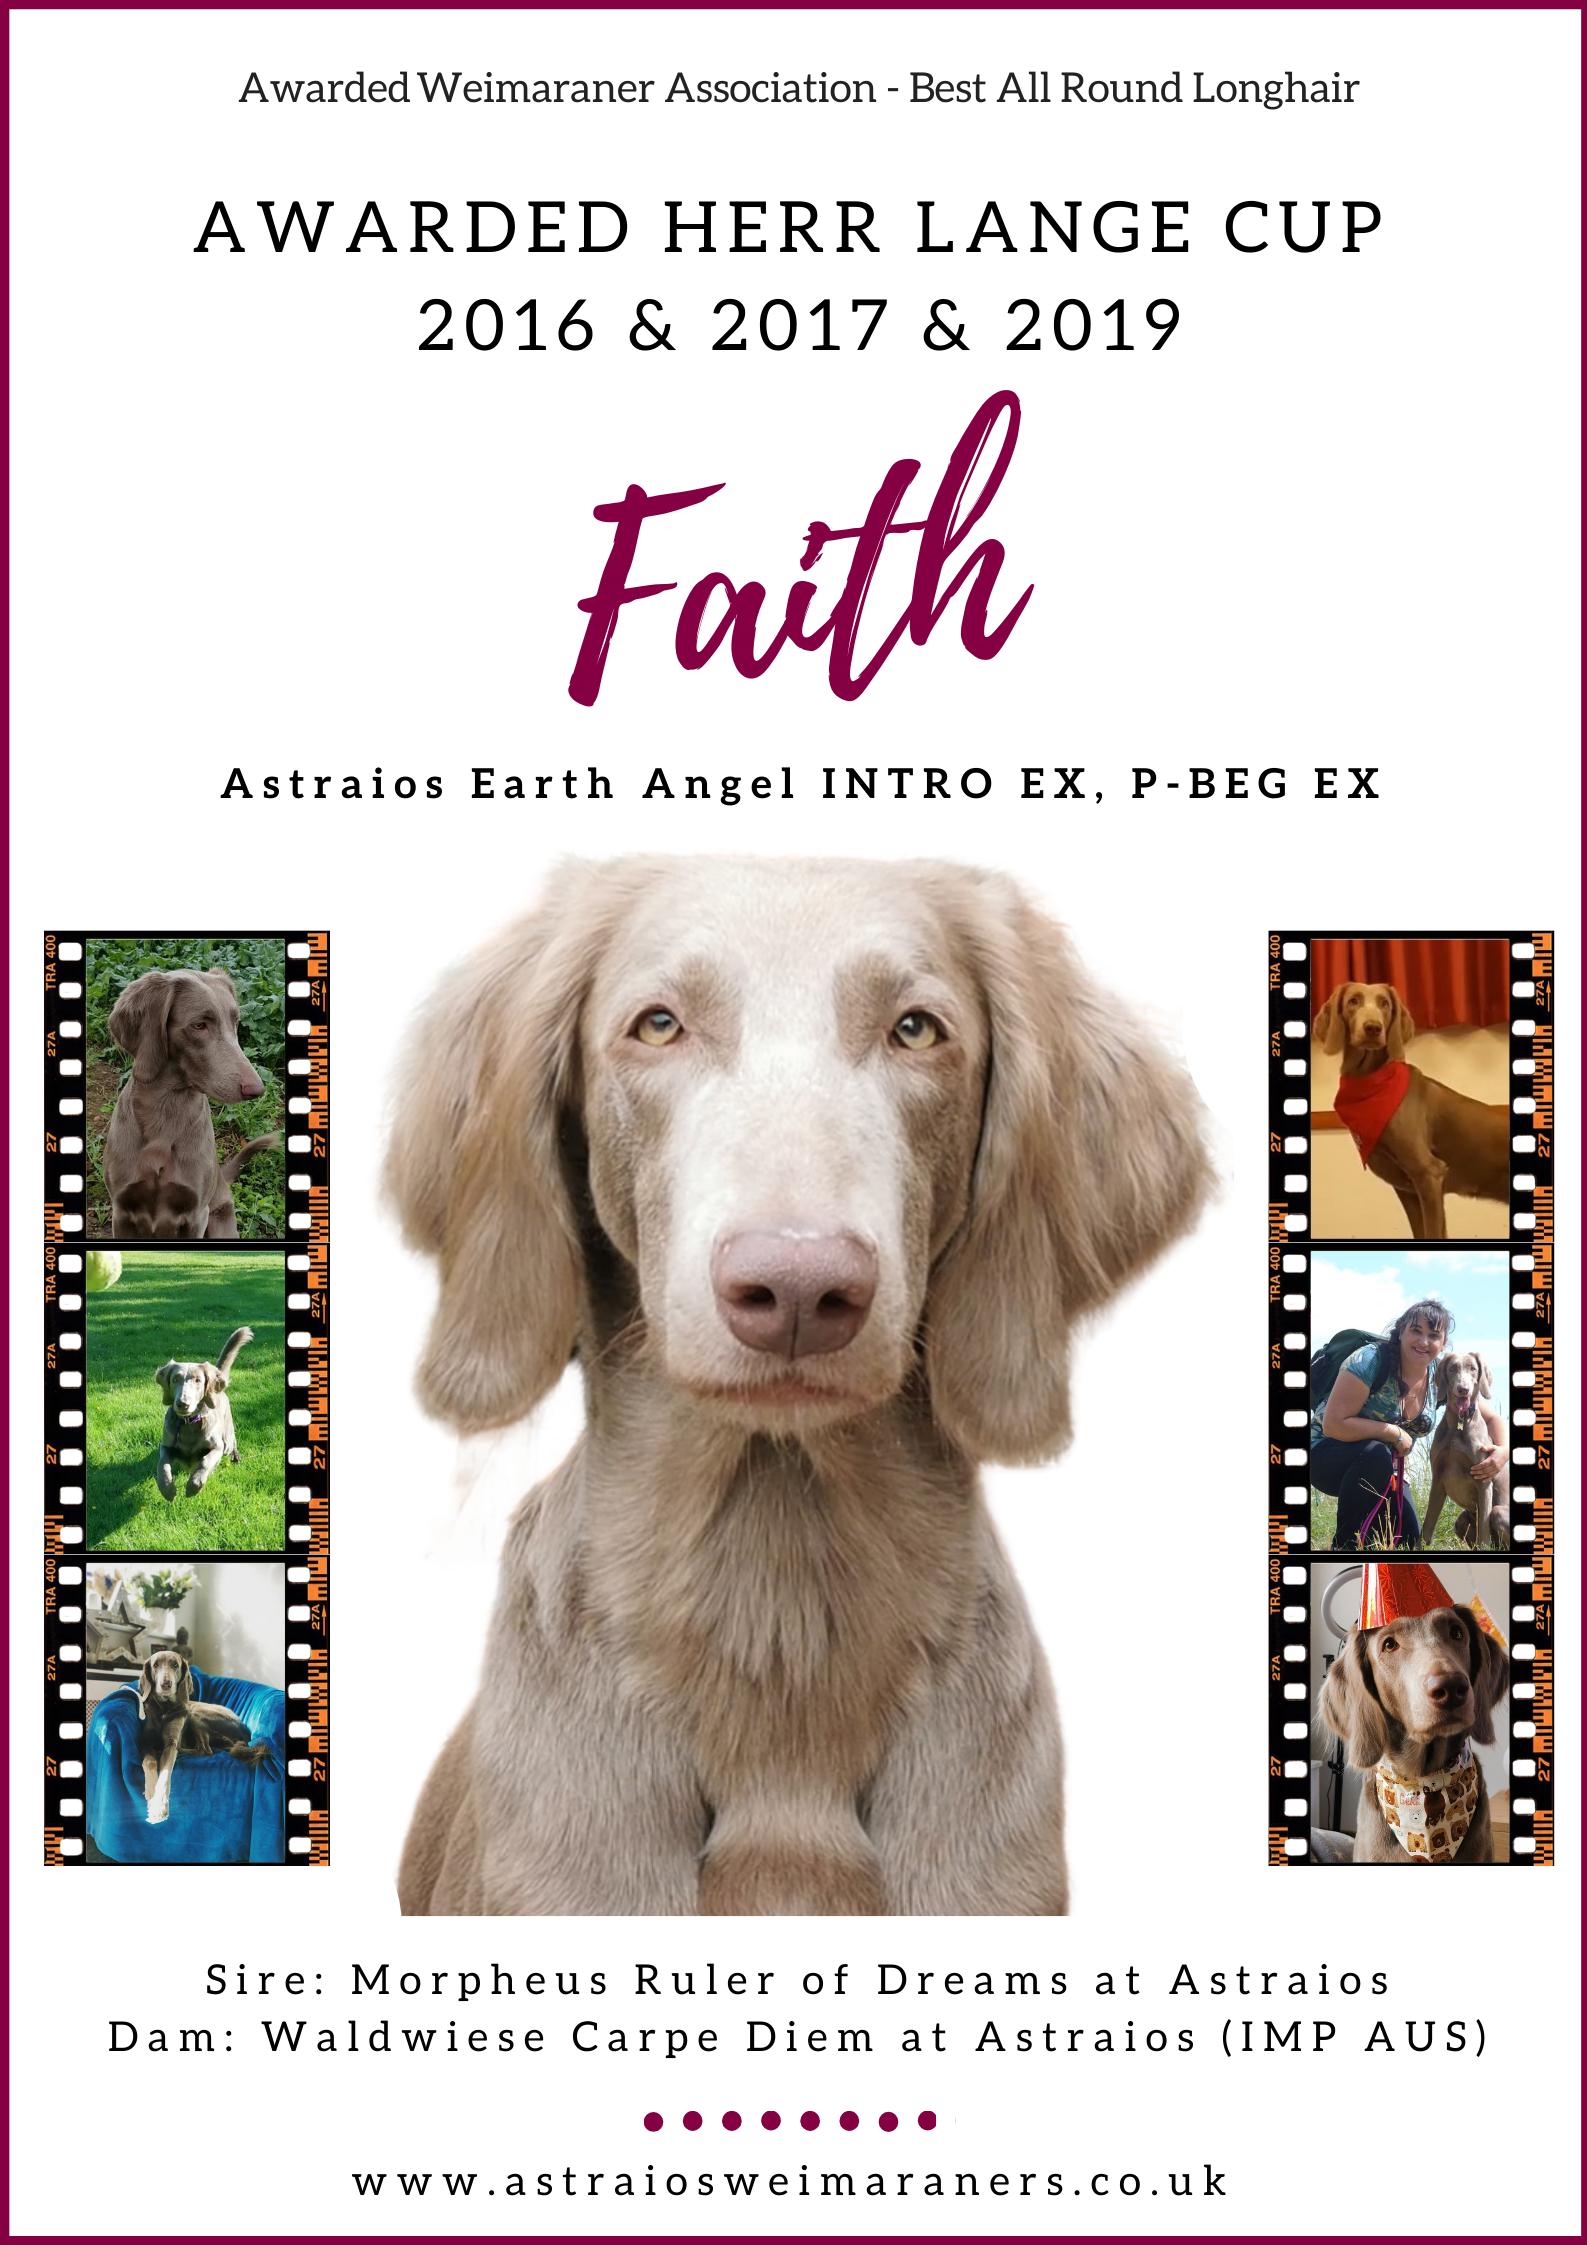 Herr Lange Cup 2019 – Faith (Astraios Earth Angel P-BEG EX)